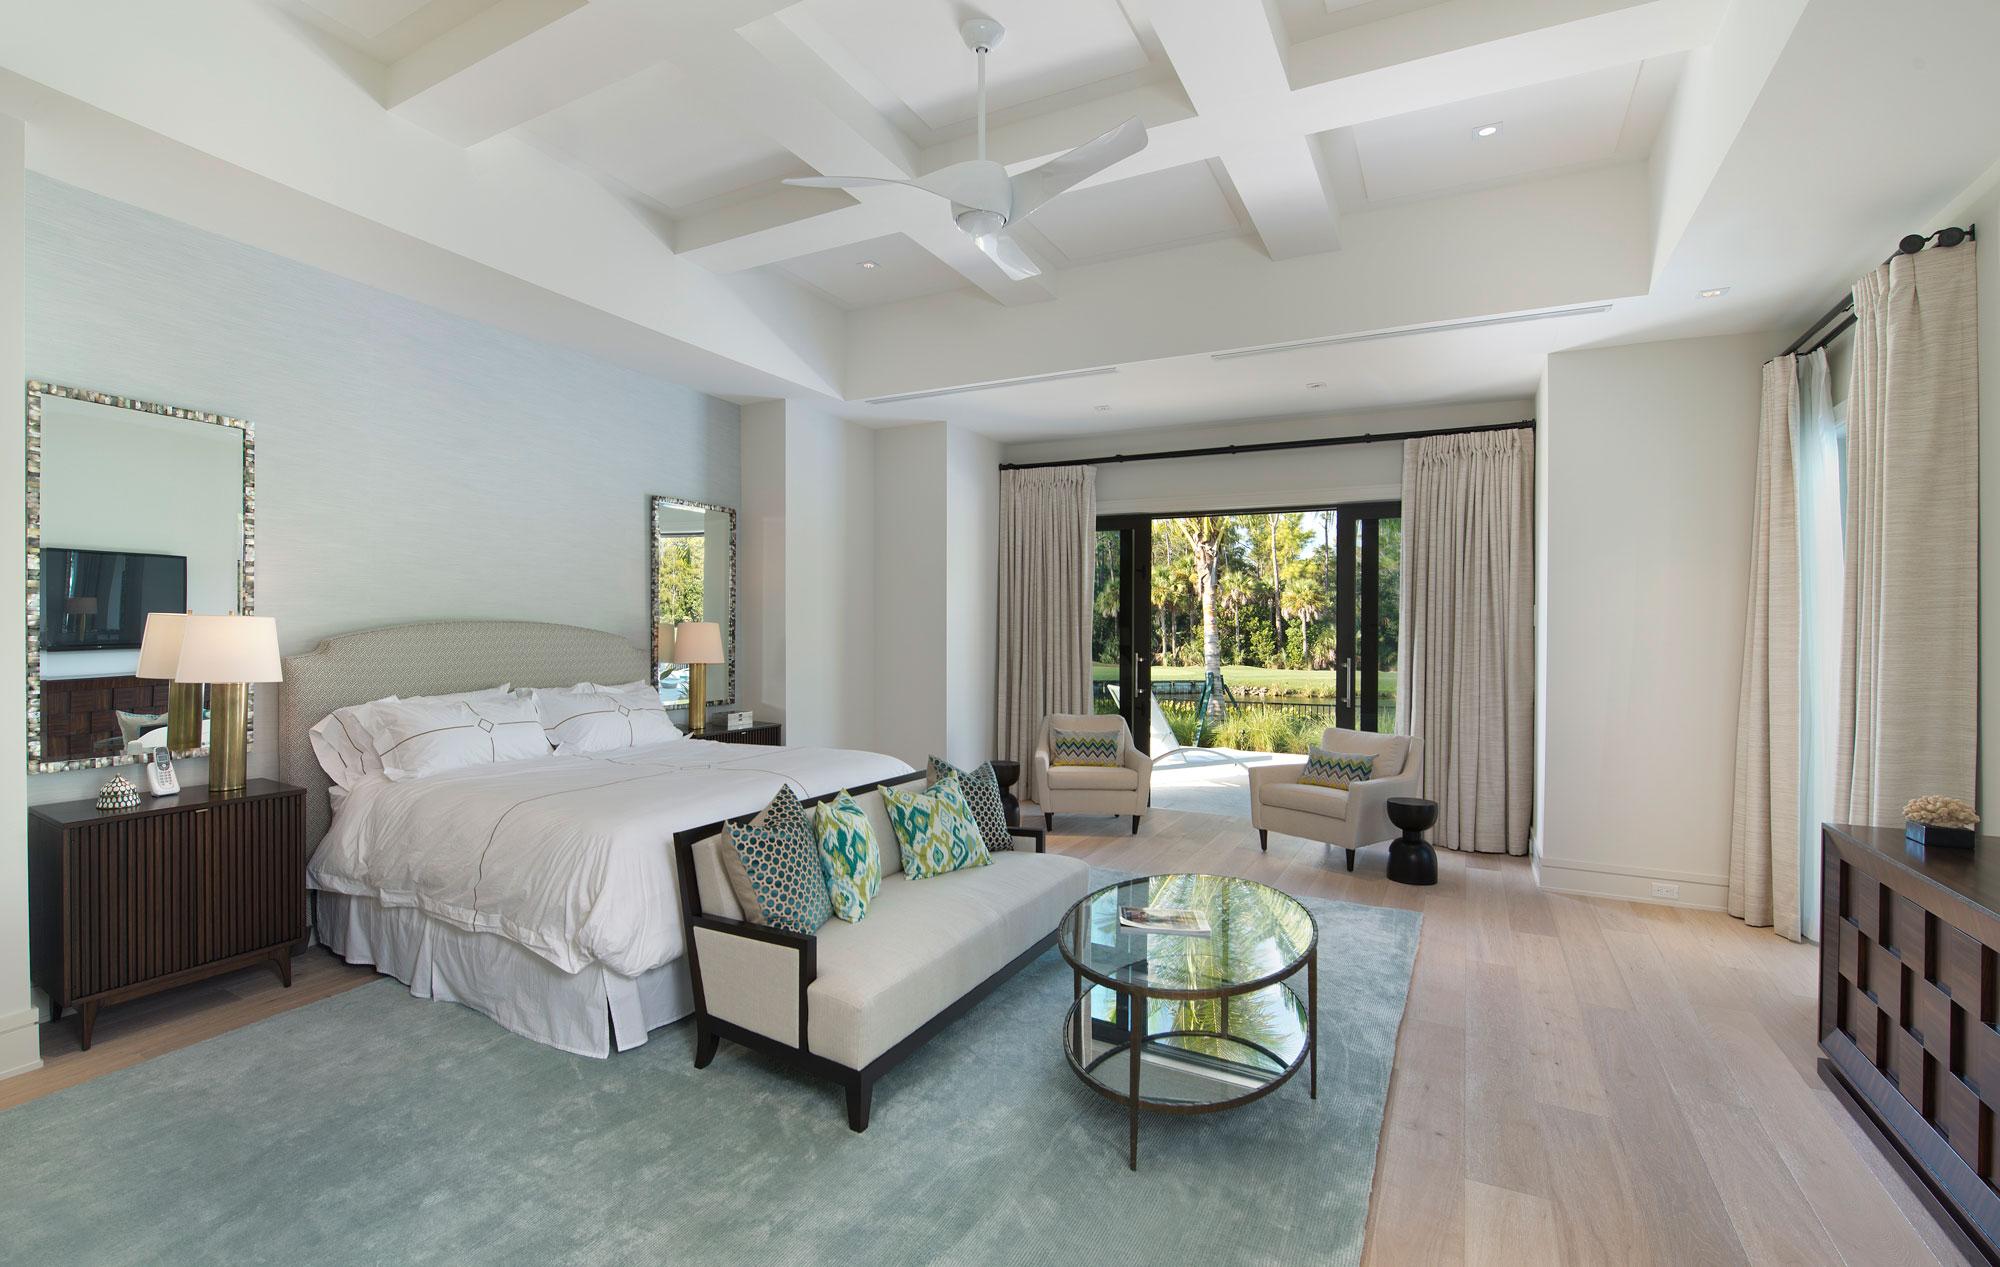 Wedo thiết kế nội thất phòng ngủ sang trọng và đẳng cấp cho biệt thự